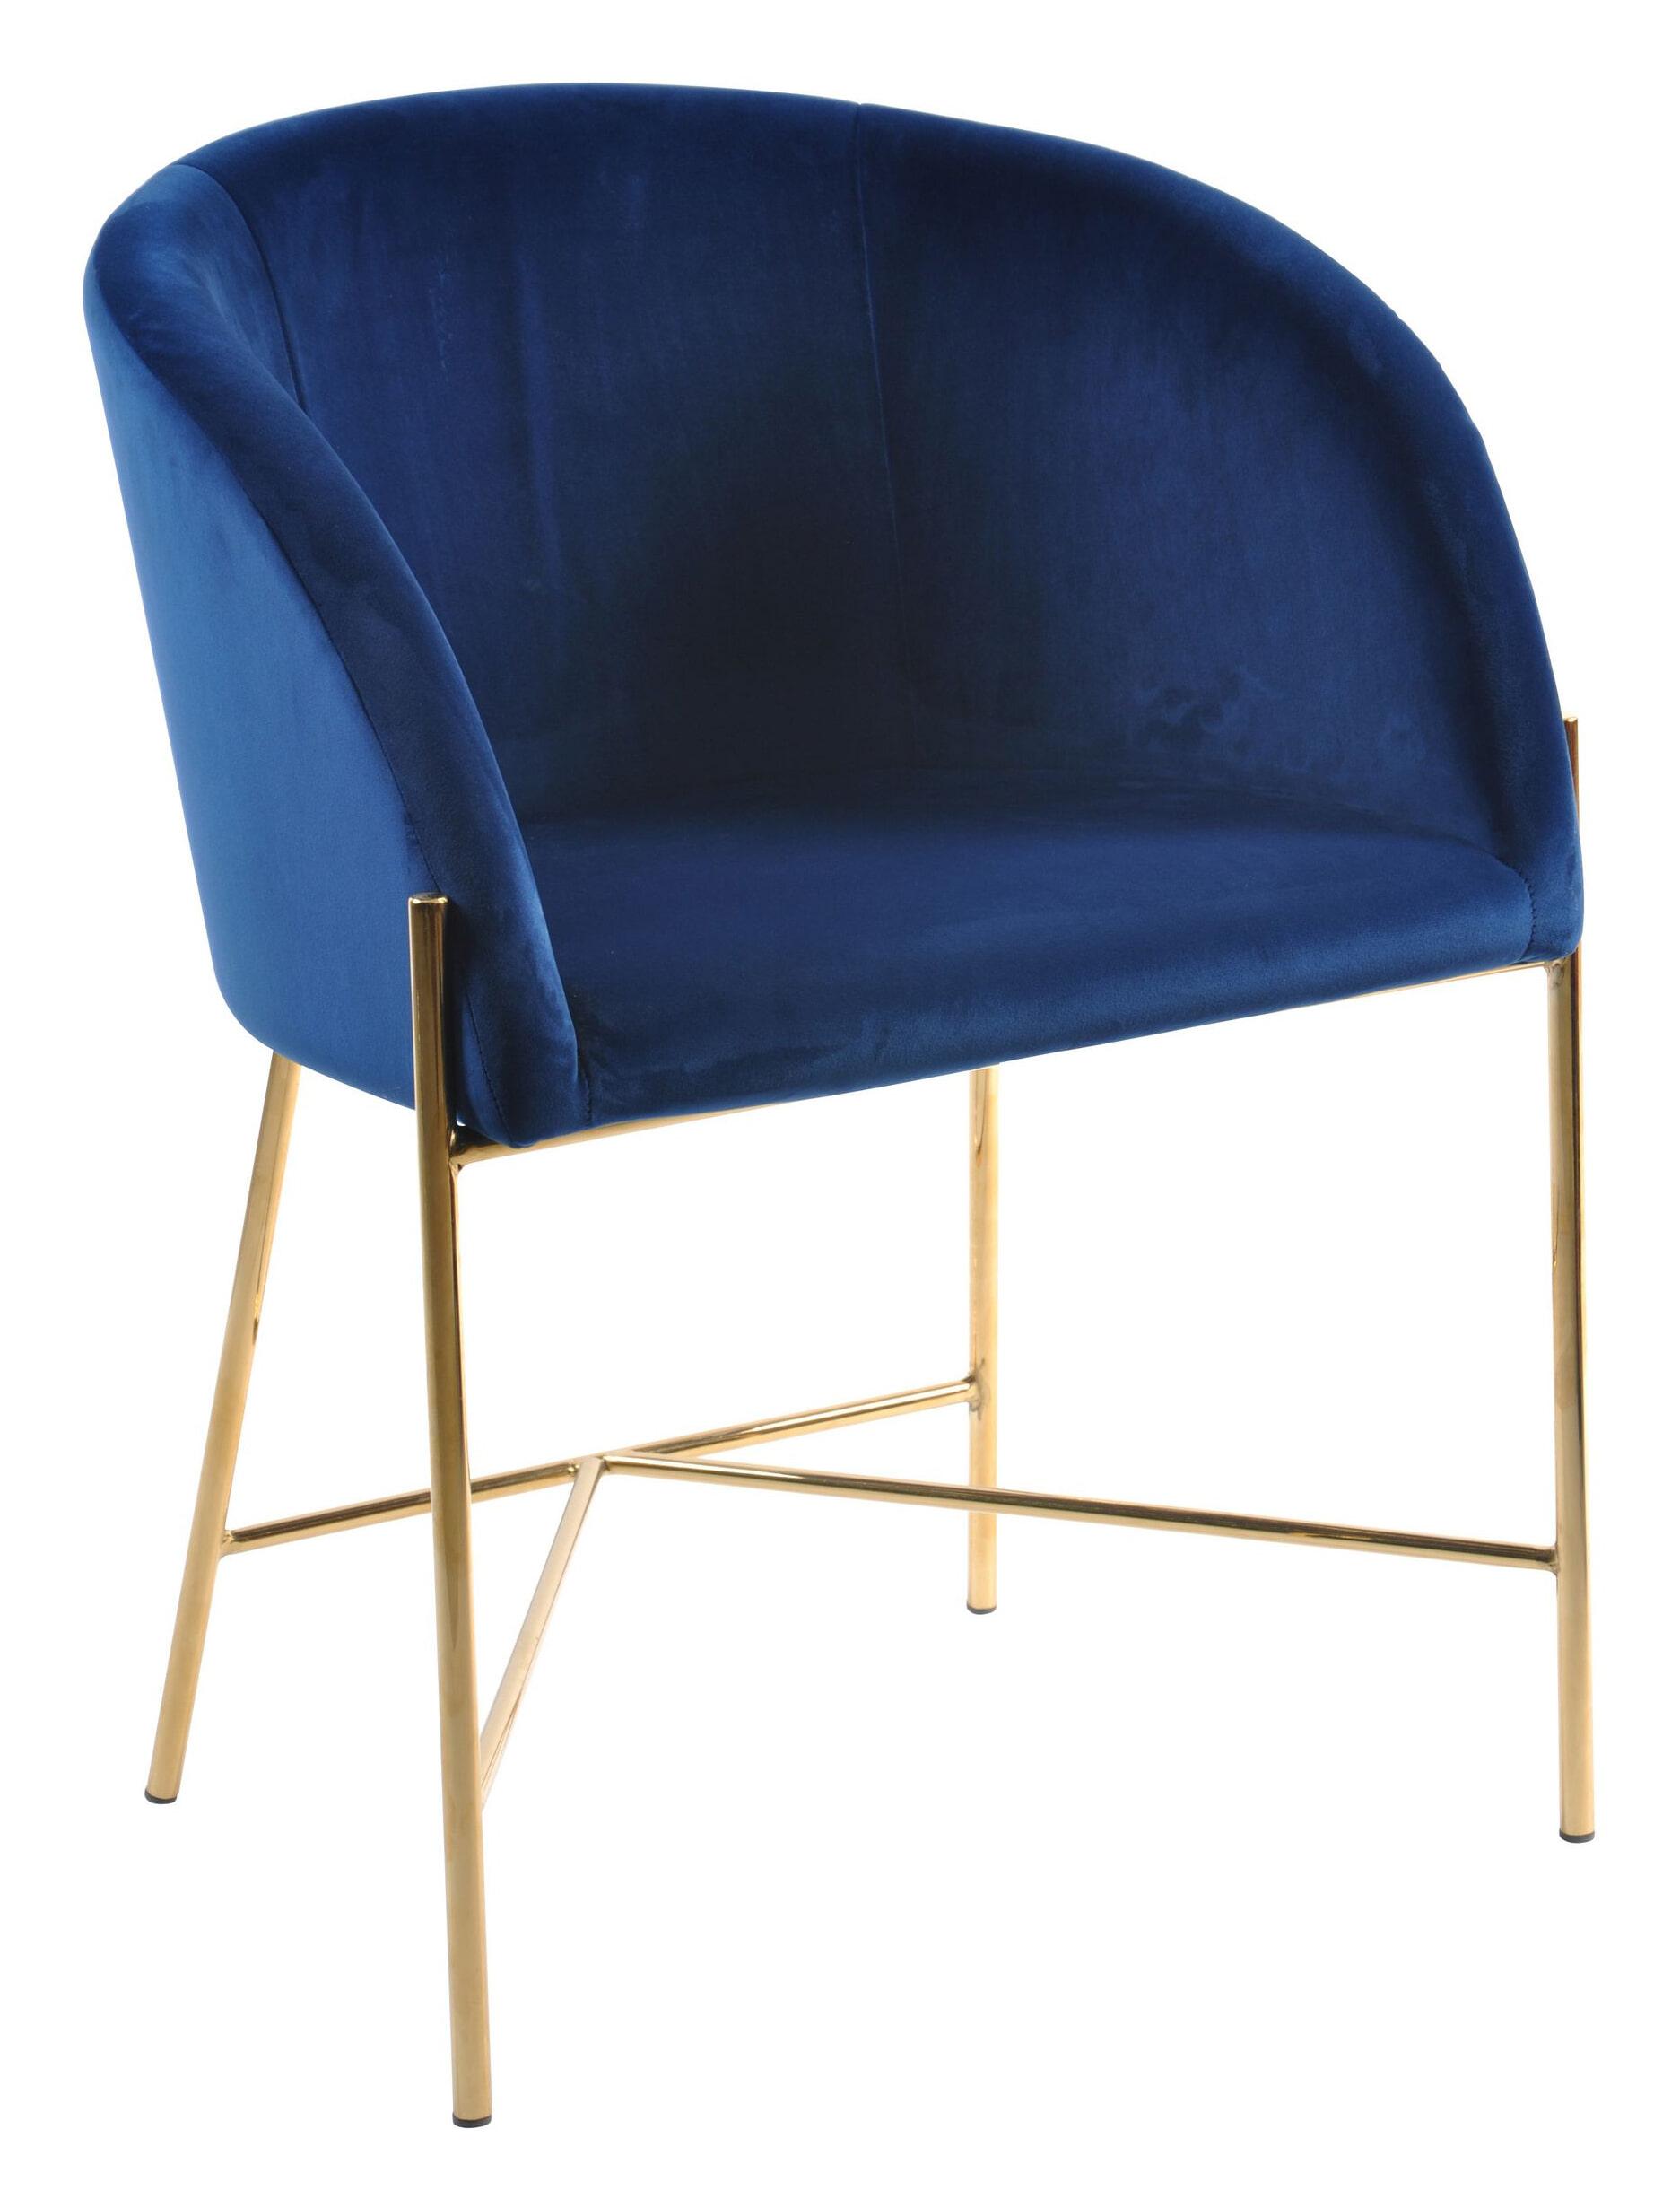 Interstil Eetkamerstoel 'Nelson Gold' Velvet, kleur Donkerblauw Zitmeubelen | Eetkamerstoelen vergelijken doe je het voordeligst hier bij Meubelpartner